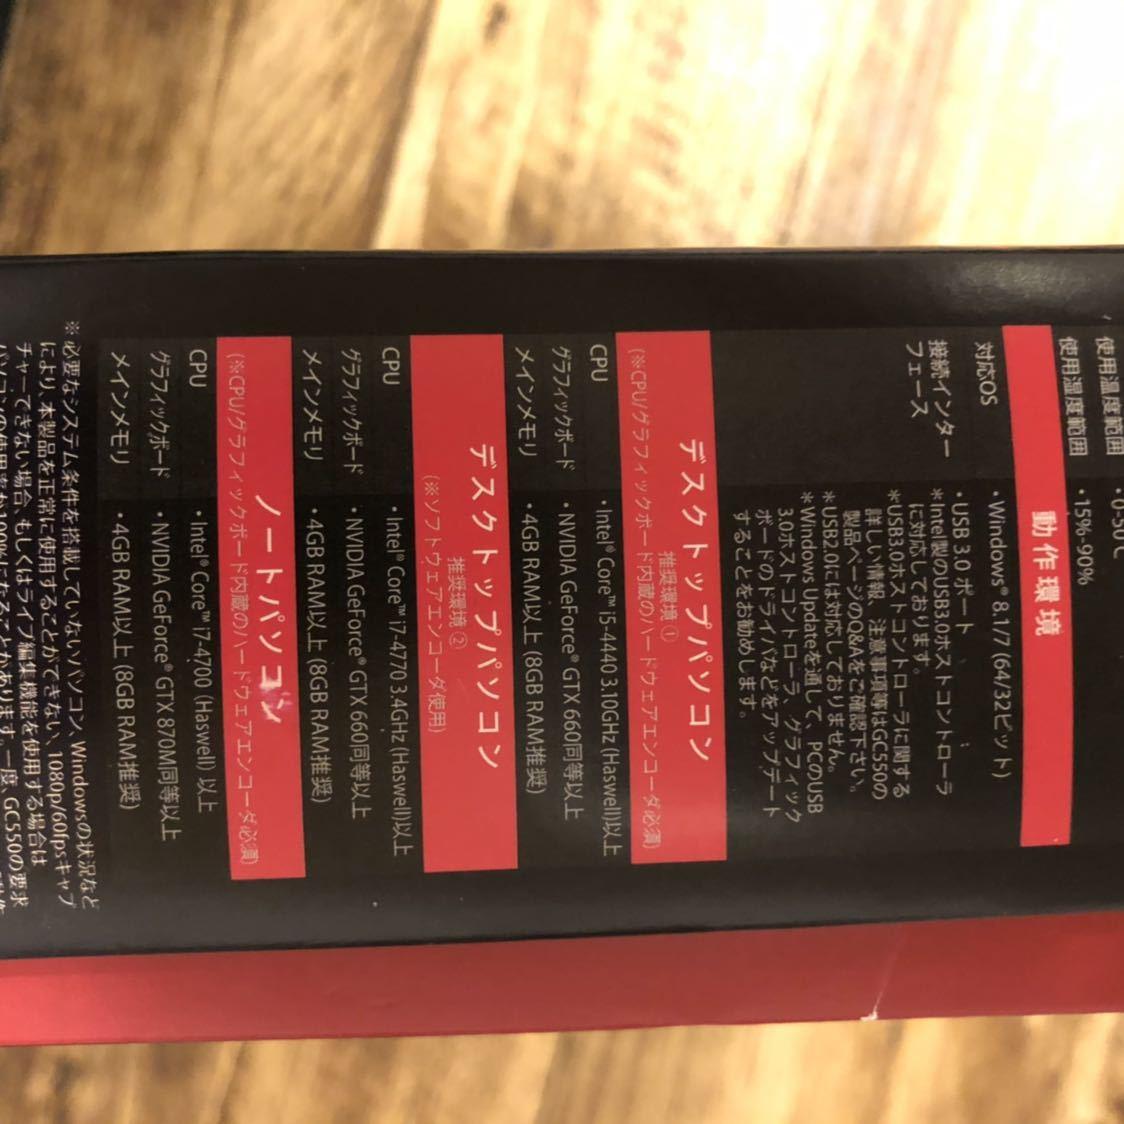 【美品】キャプチャーボード PS4などゲーム録画or実況におススメ gc550 avermedia フルHD 60FPS対応 高速USB3.0_画像8